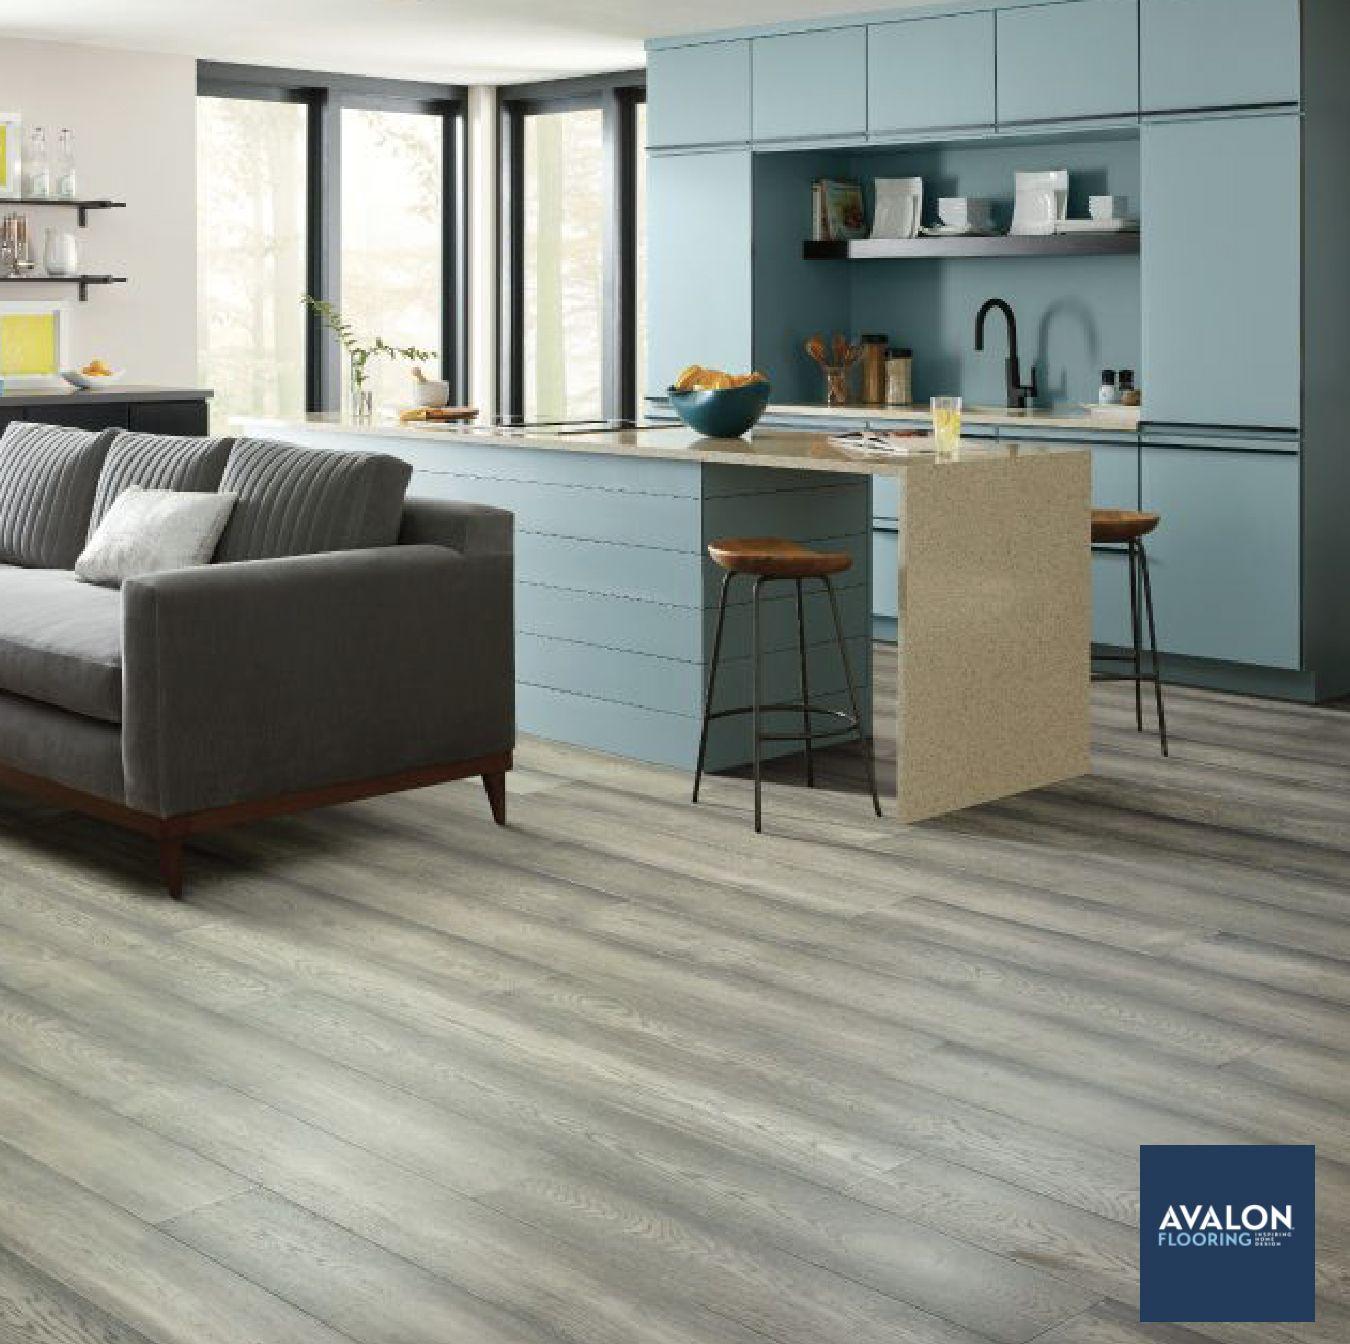 Trident in 2020 Waterproof wood floor, Engineered wood